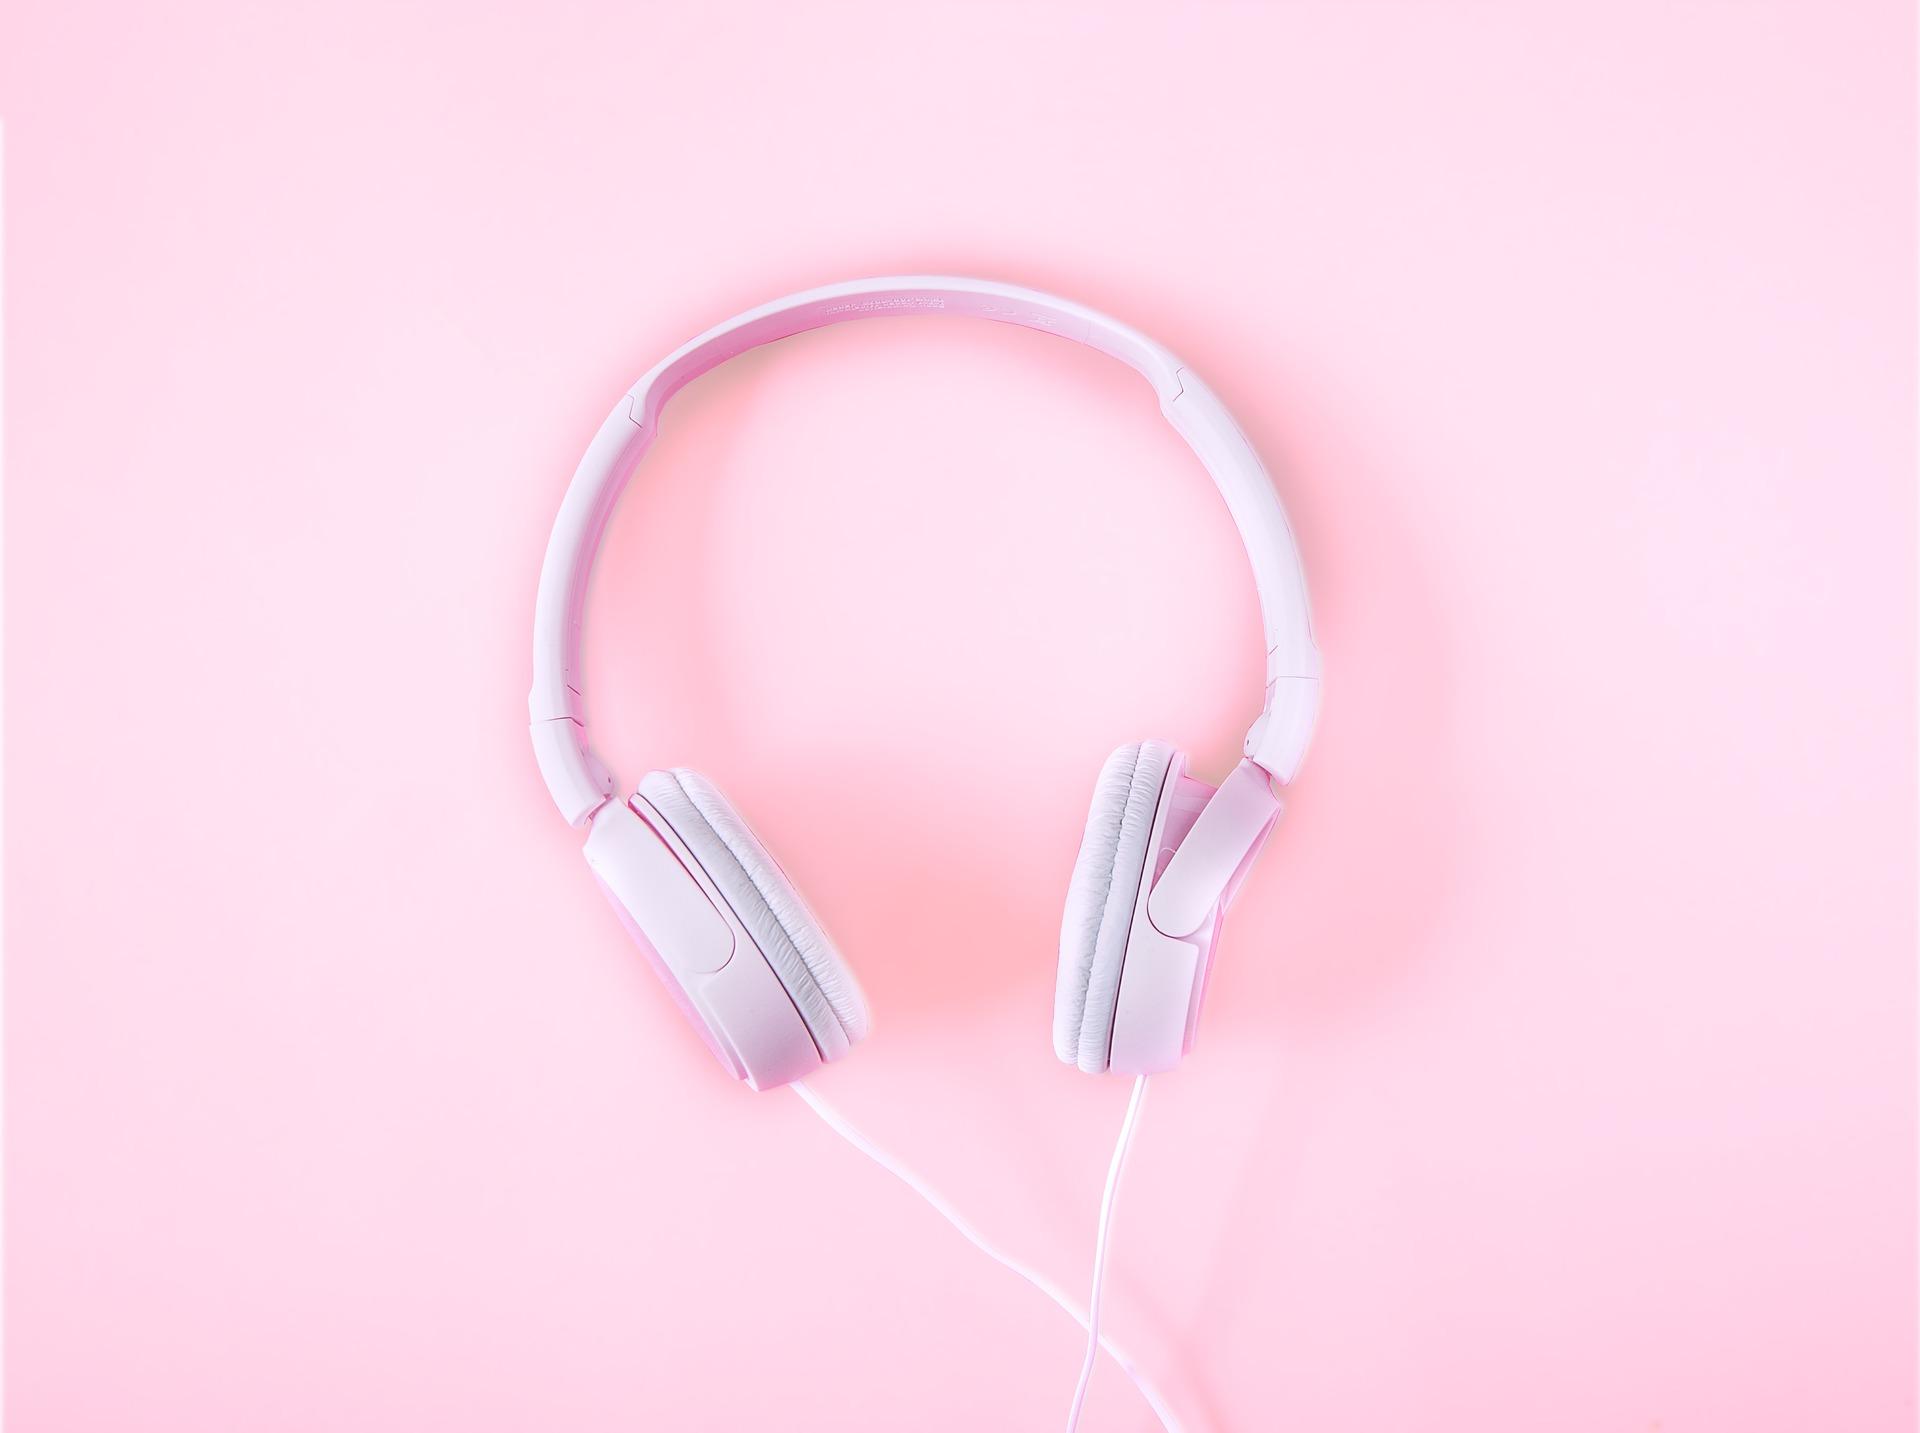 cuffie su sfondo rosa